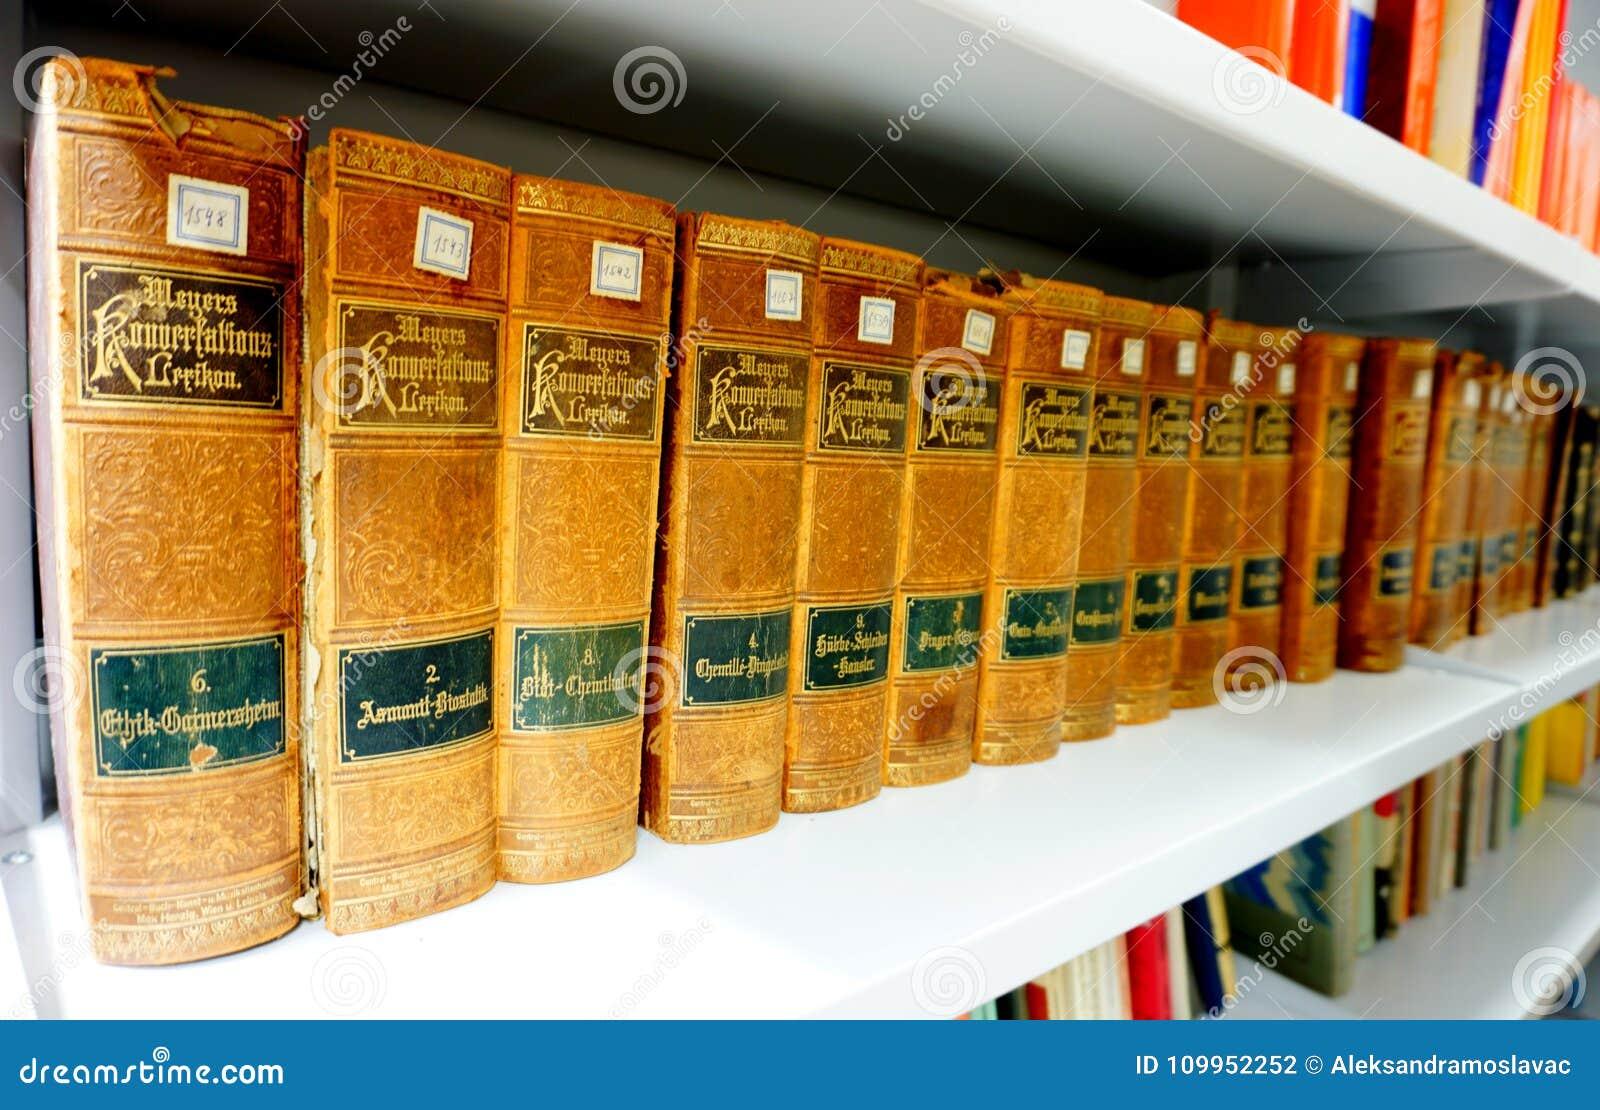 Fiume, Хорватия, 14-ое февраля 2018 Книжные полки с винтажным красивым лексиконом старой книги